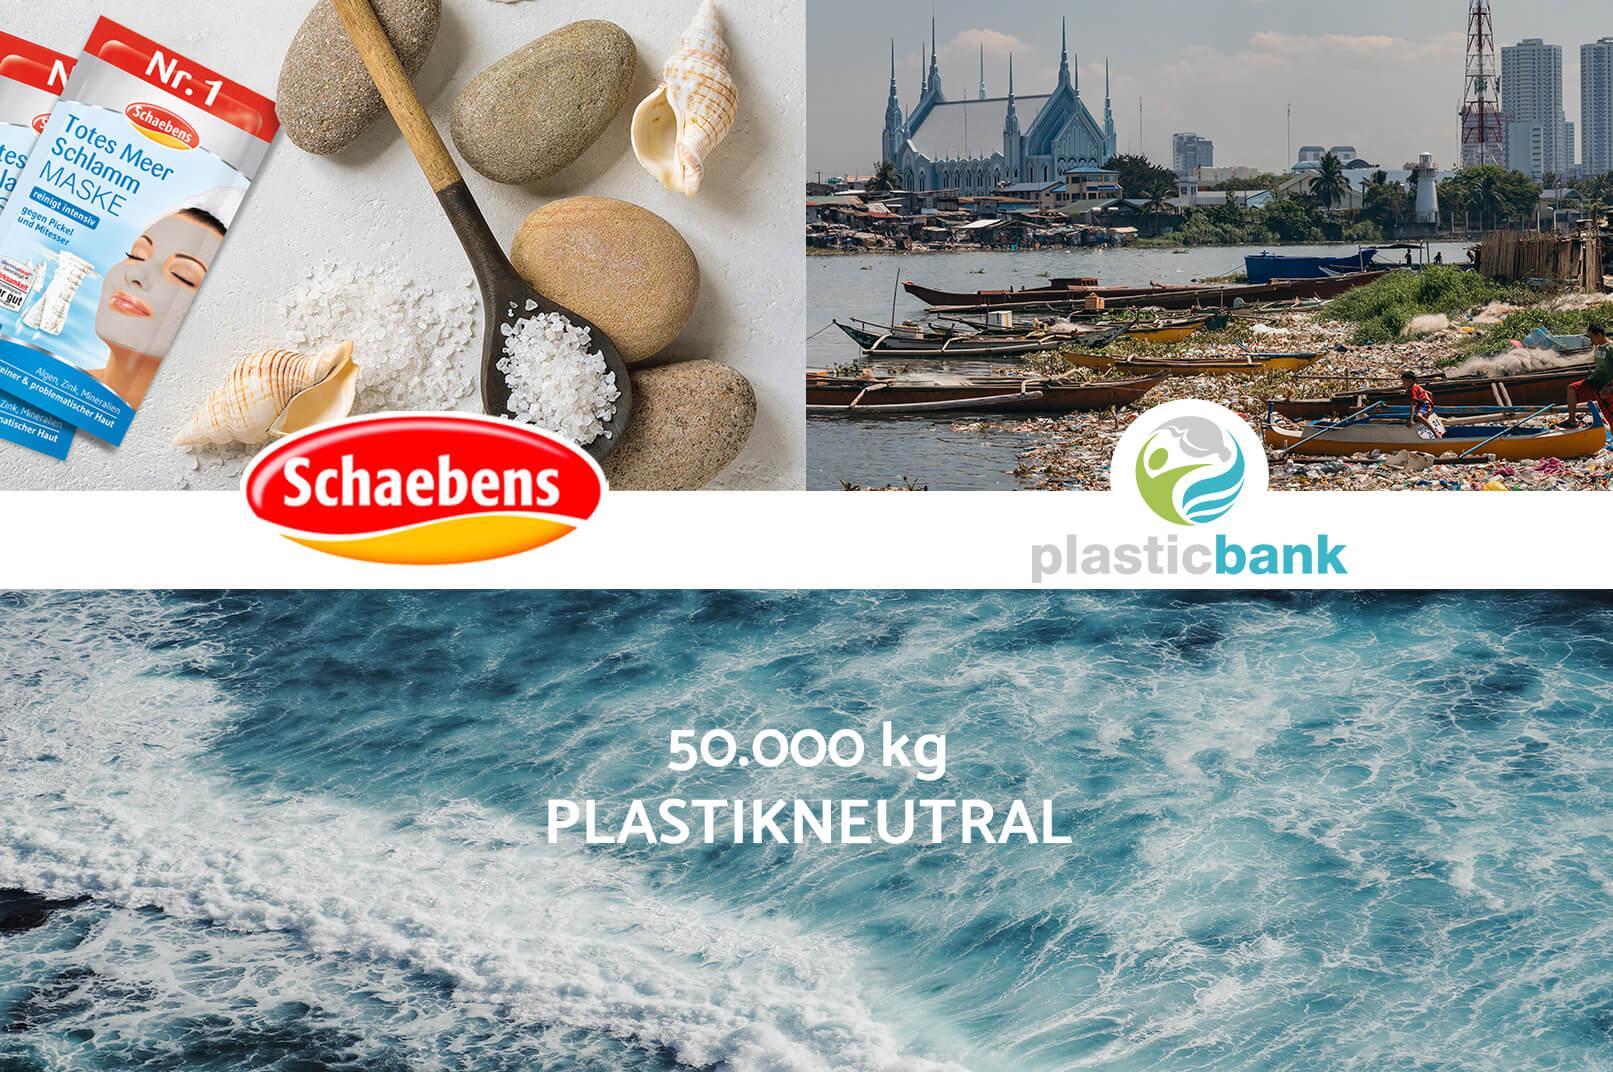 plastikneutral-nachhaltigkeit-schaebens-kosmetika-umweltschutz